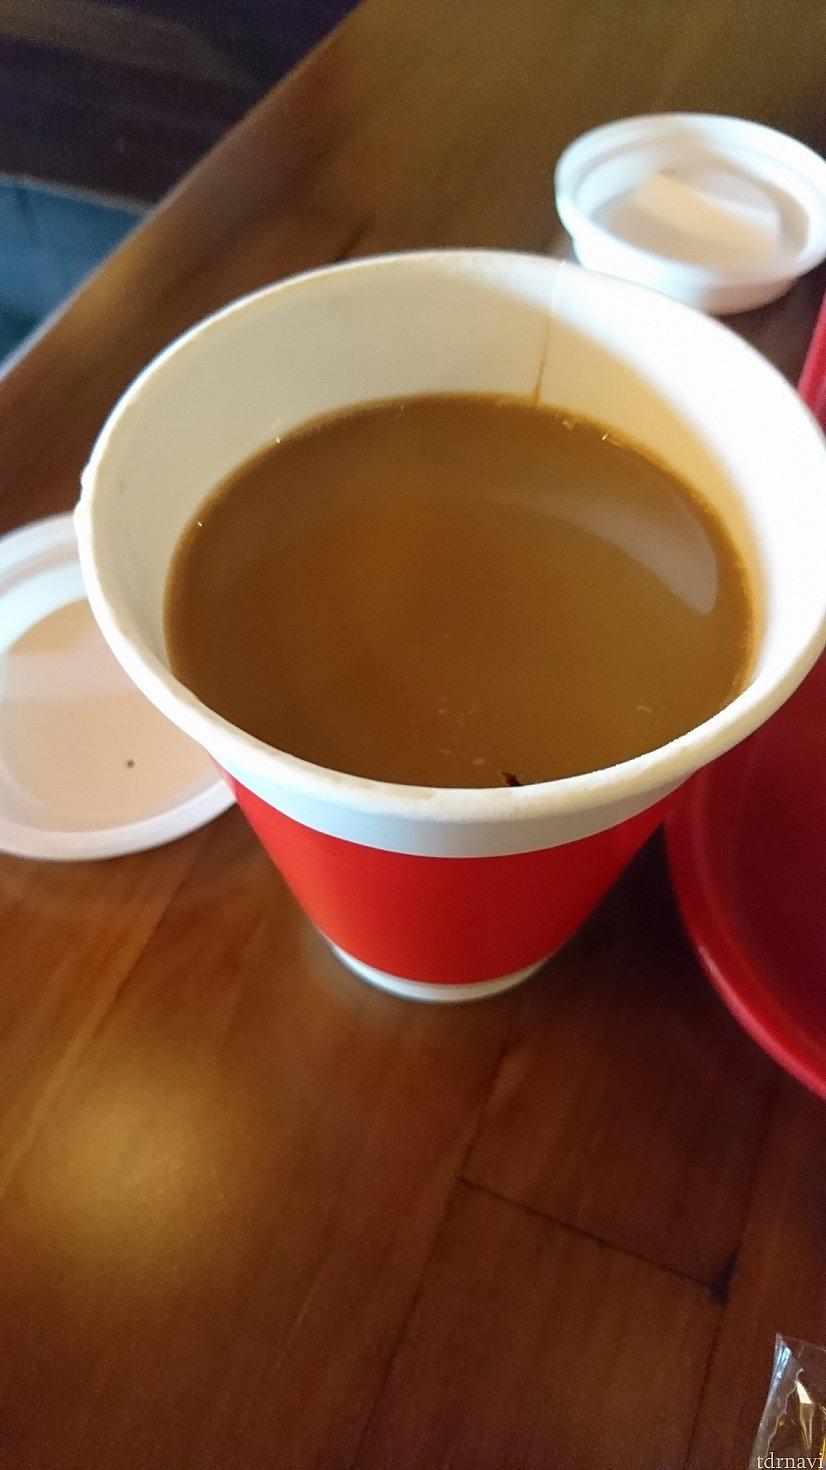 ホットコーヒーです。なんと既に甘くミルクも入っていました。正直美味しくないです。